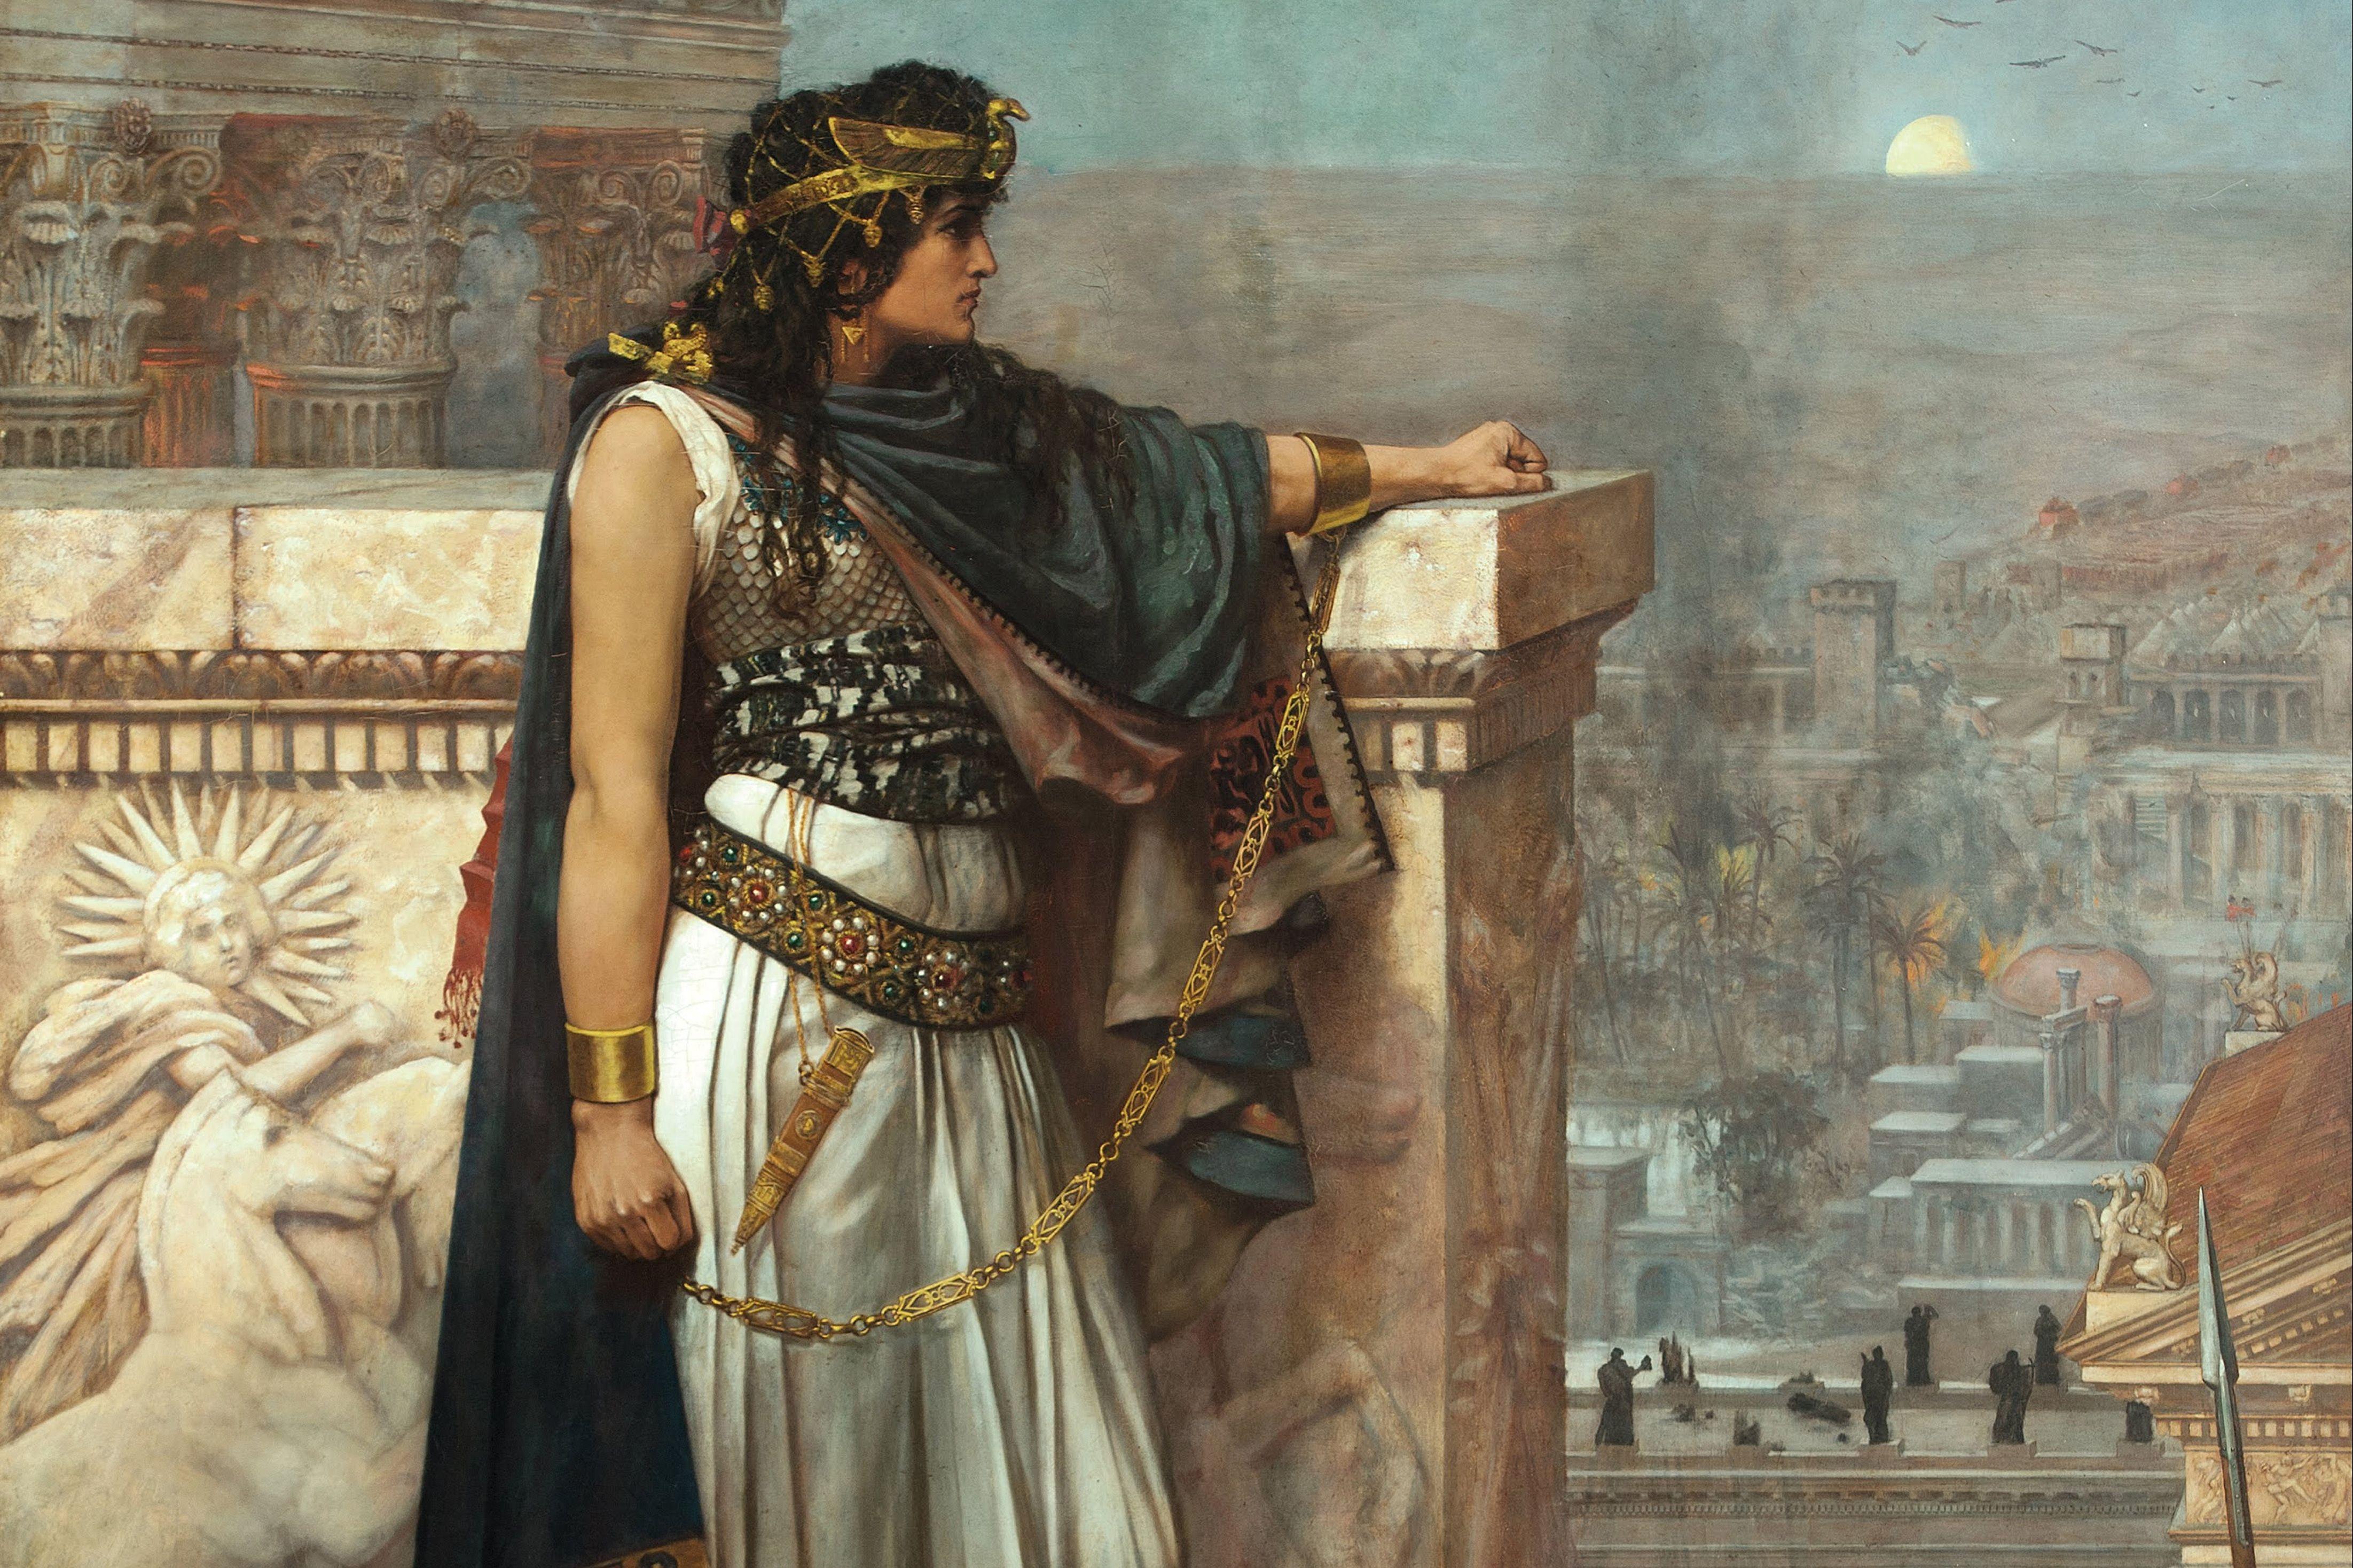 Расшифровка Нострадамуса, Библии и многое другое - Страница 2 Zenobia-486776647x-56aa25675f9b58b7d000fd07